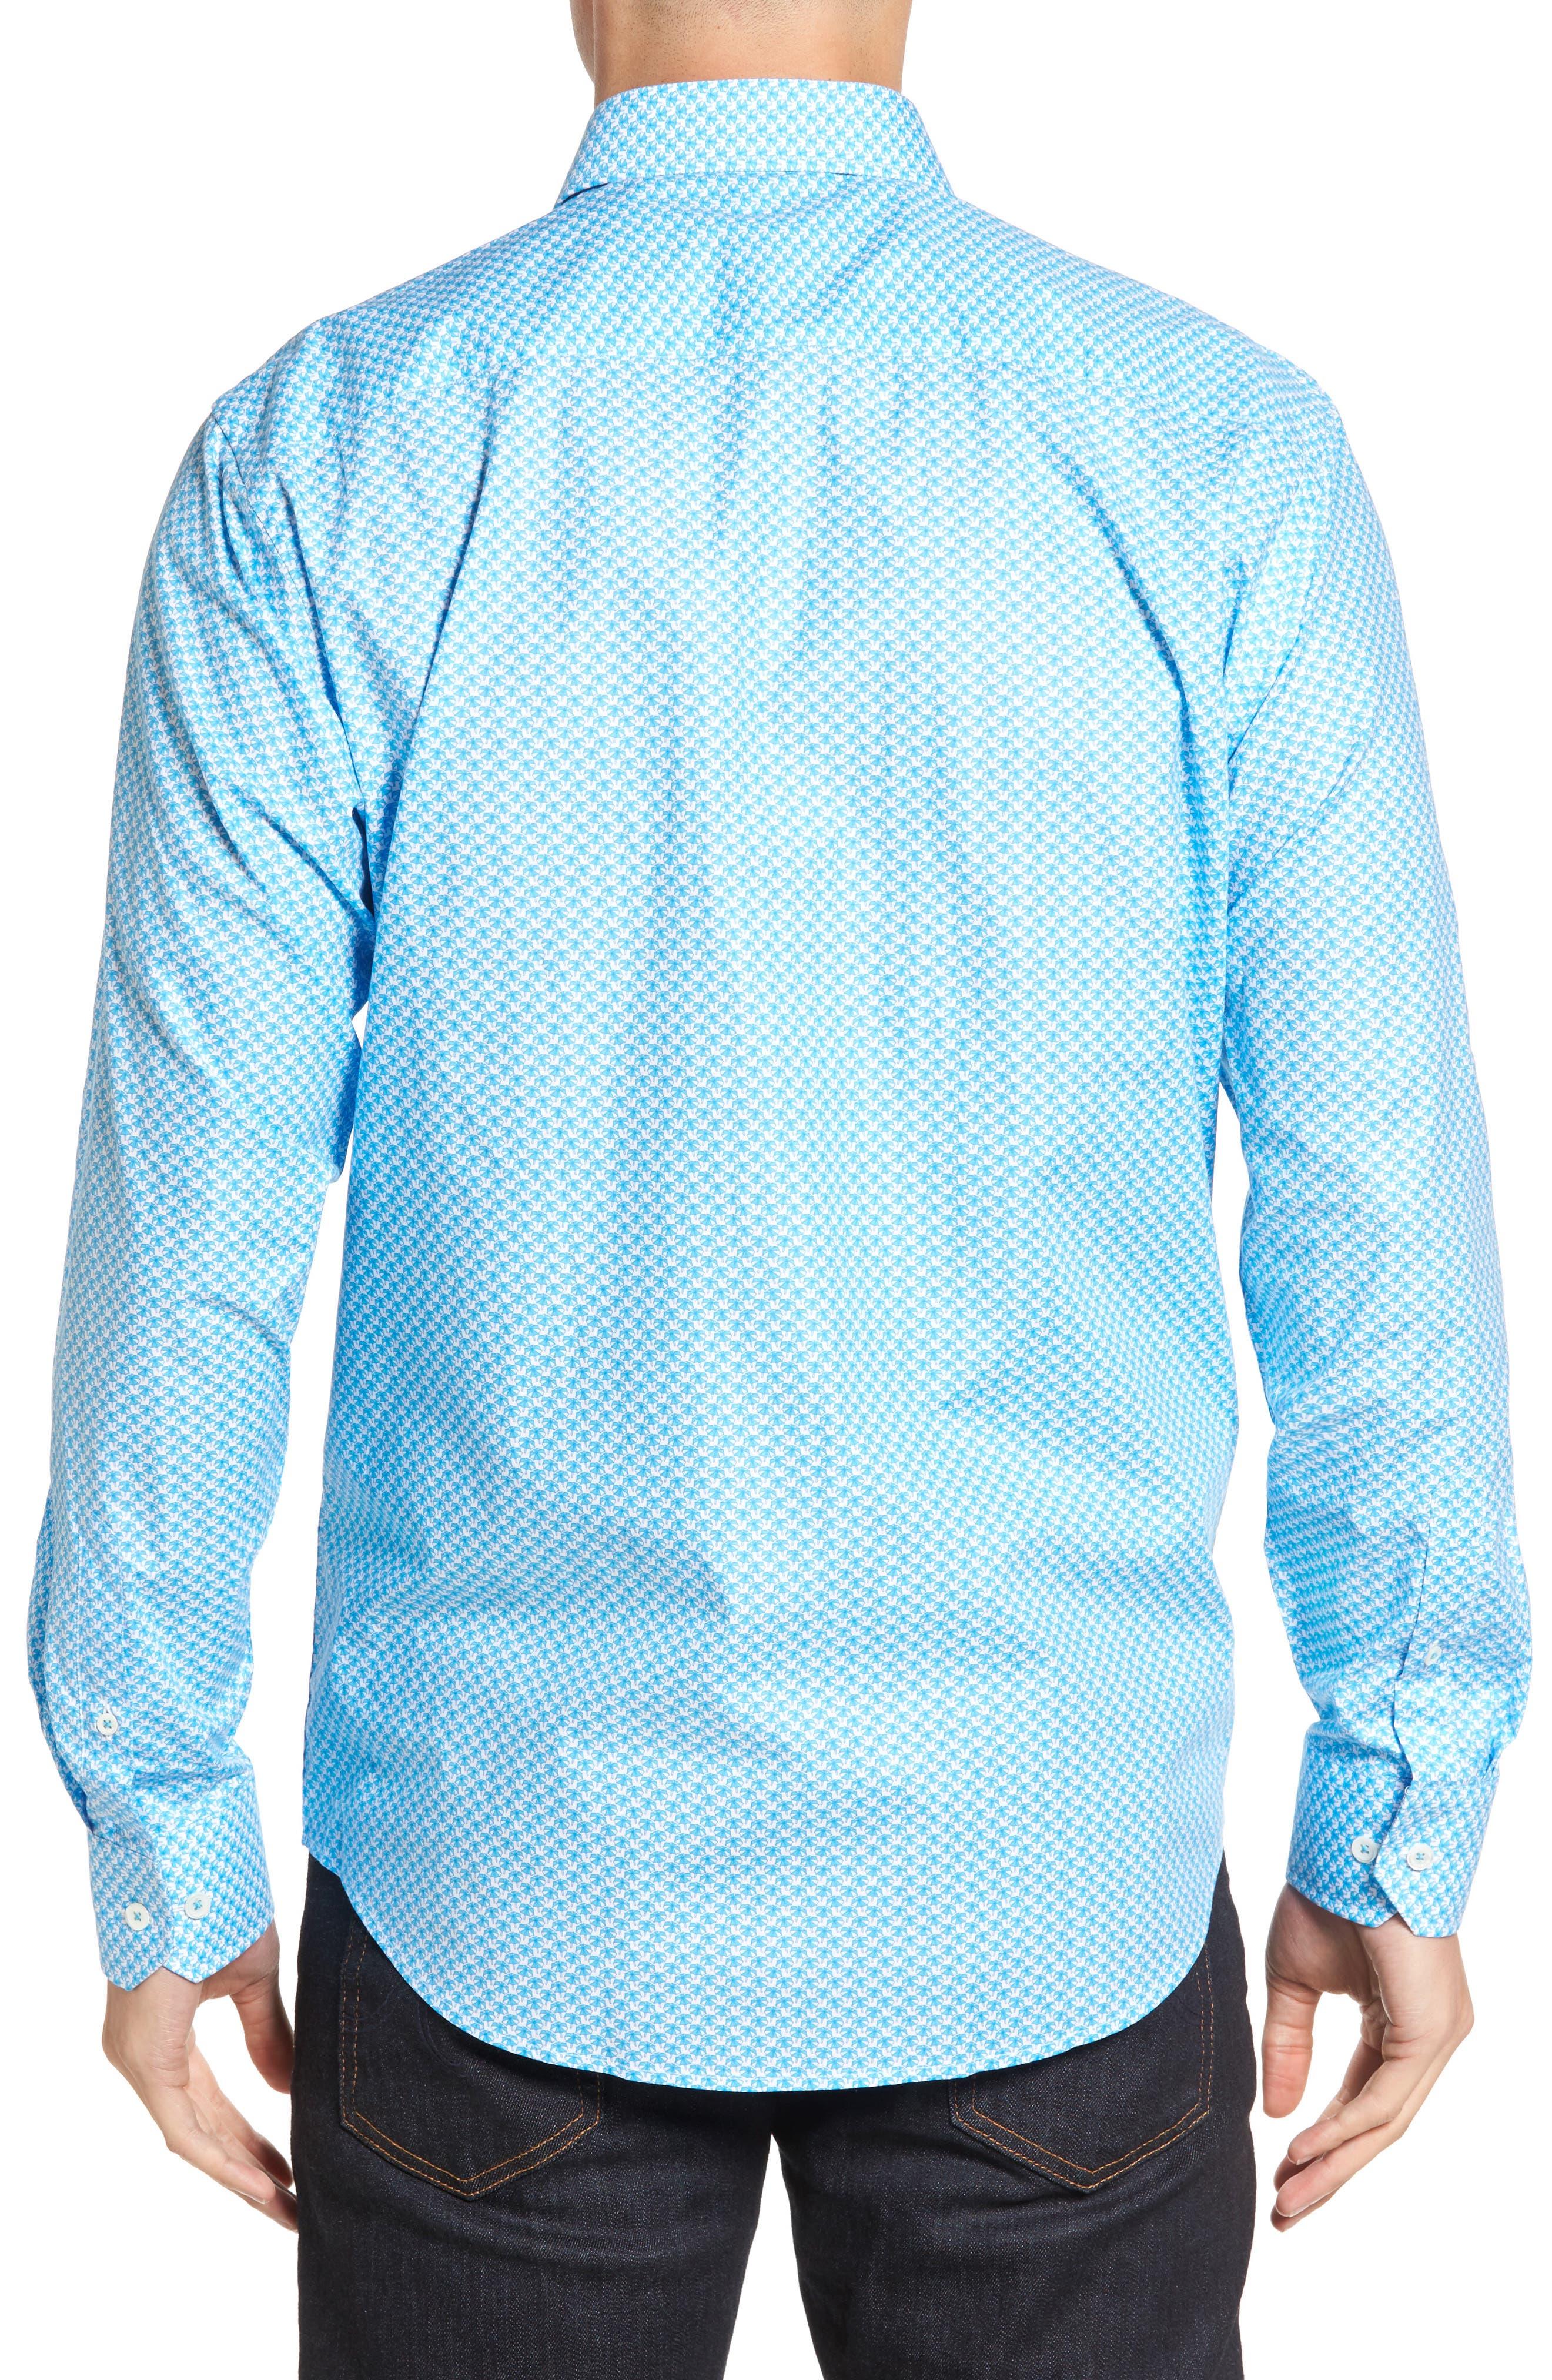 Classic Fit Umbrella Print Sport Shirt,                             Alternate thumbnail 2, color,                             425